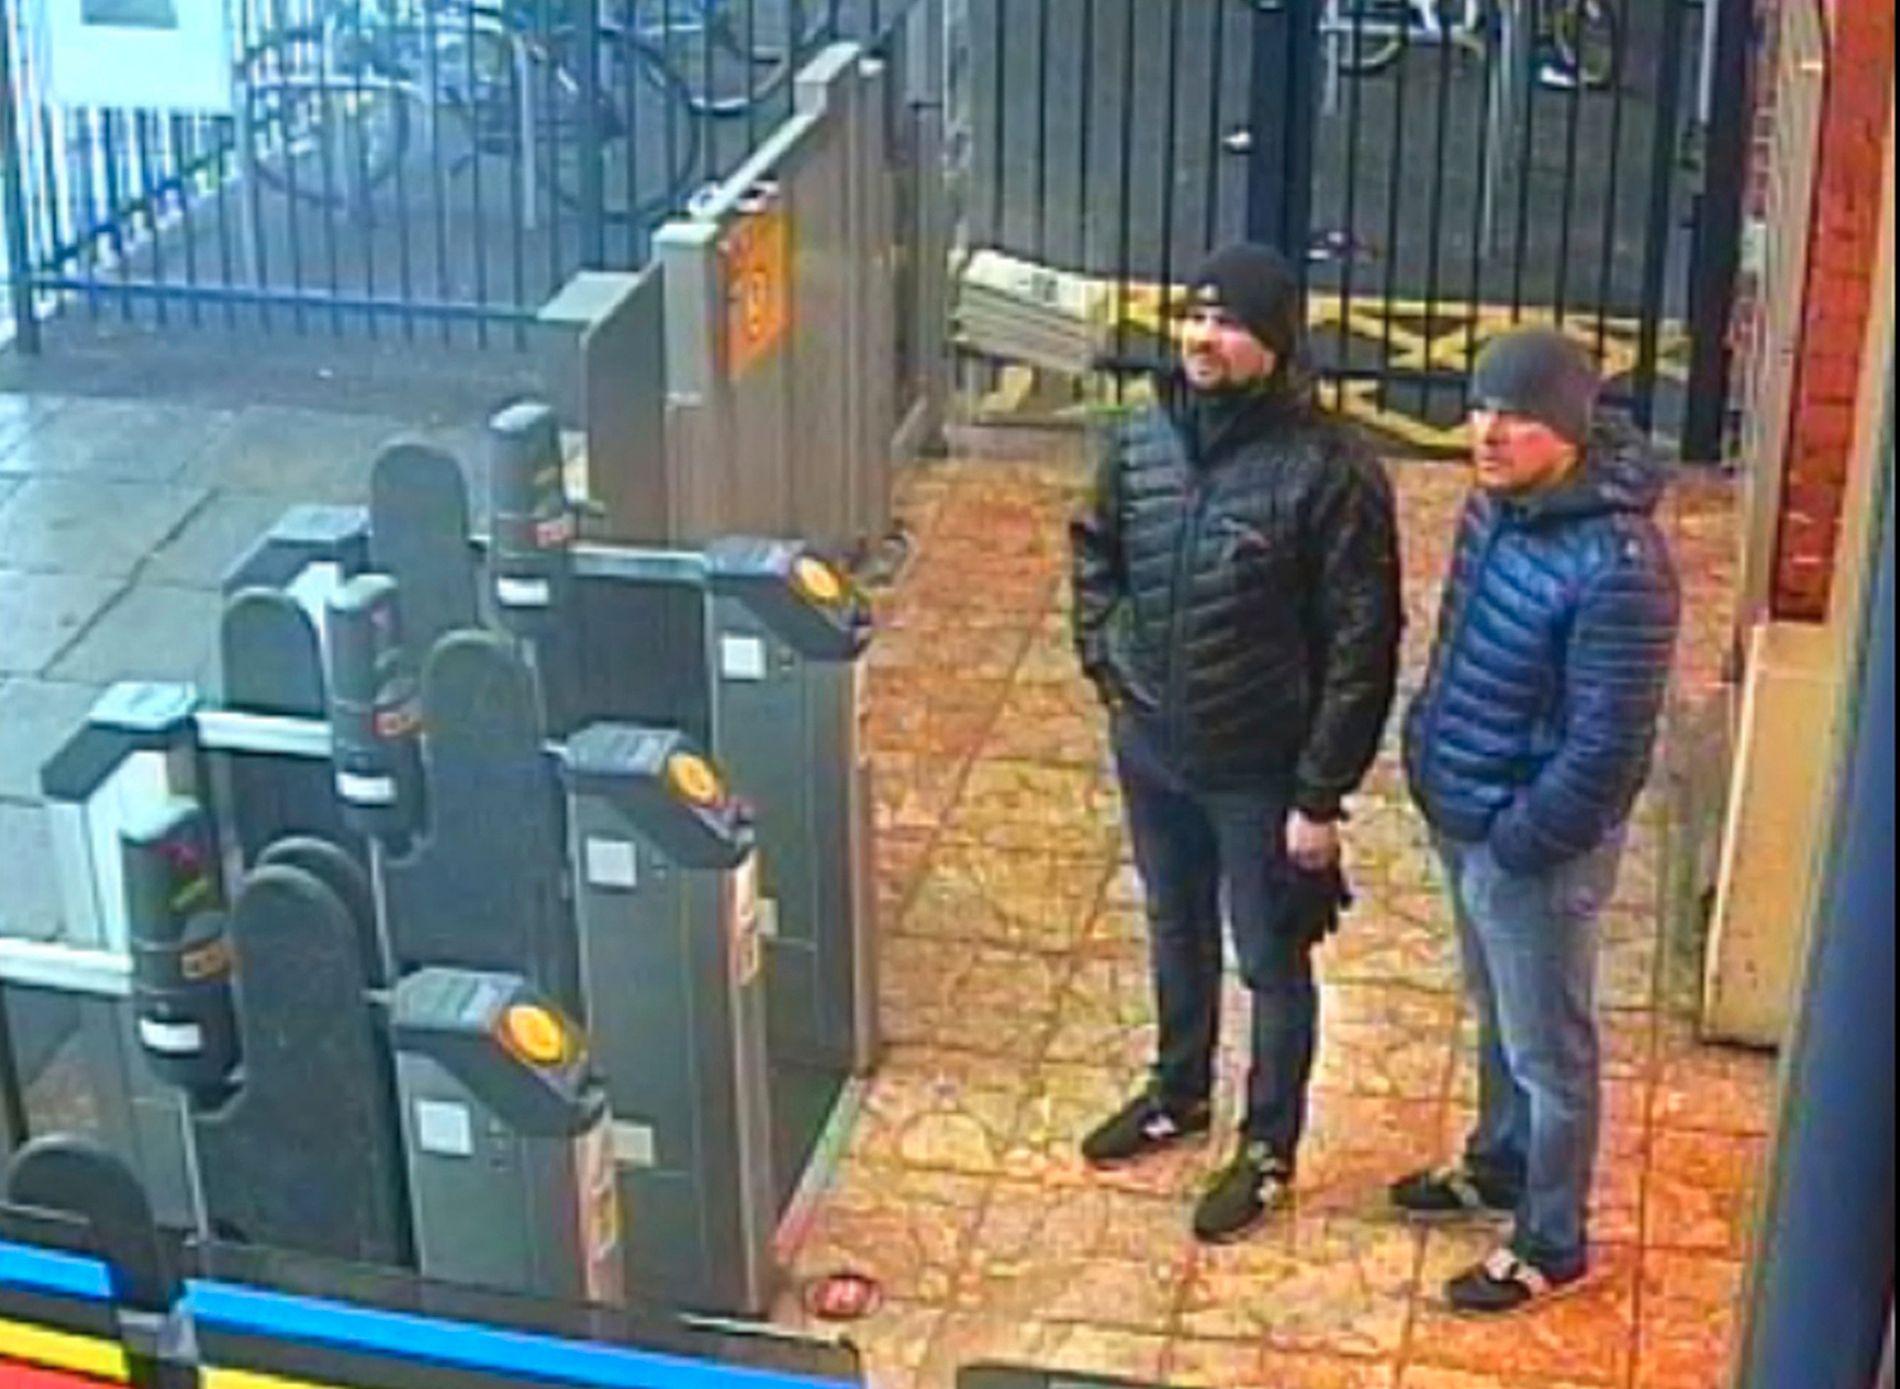 FRIGITT BILDER: Britisk politi har frigitt overvåkningsbilder som viser de to russiske mennene som nå er siktet for nervegiftangrepet mot Sergej og Julia Skripal, på togstasjonen i Salisbury. Bildet er tatt 3. mars, dagen før angrepet. De to mennene skal ha reist tilbake til Russland få timer etter angrepet.